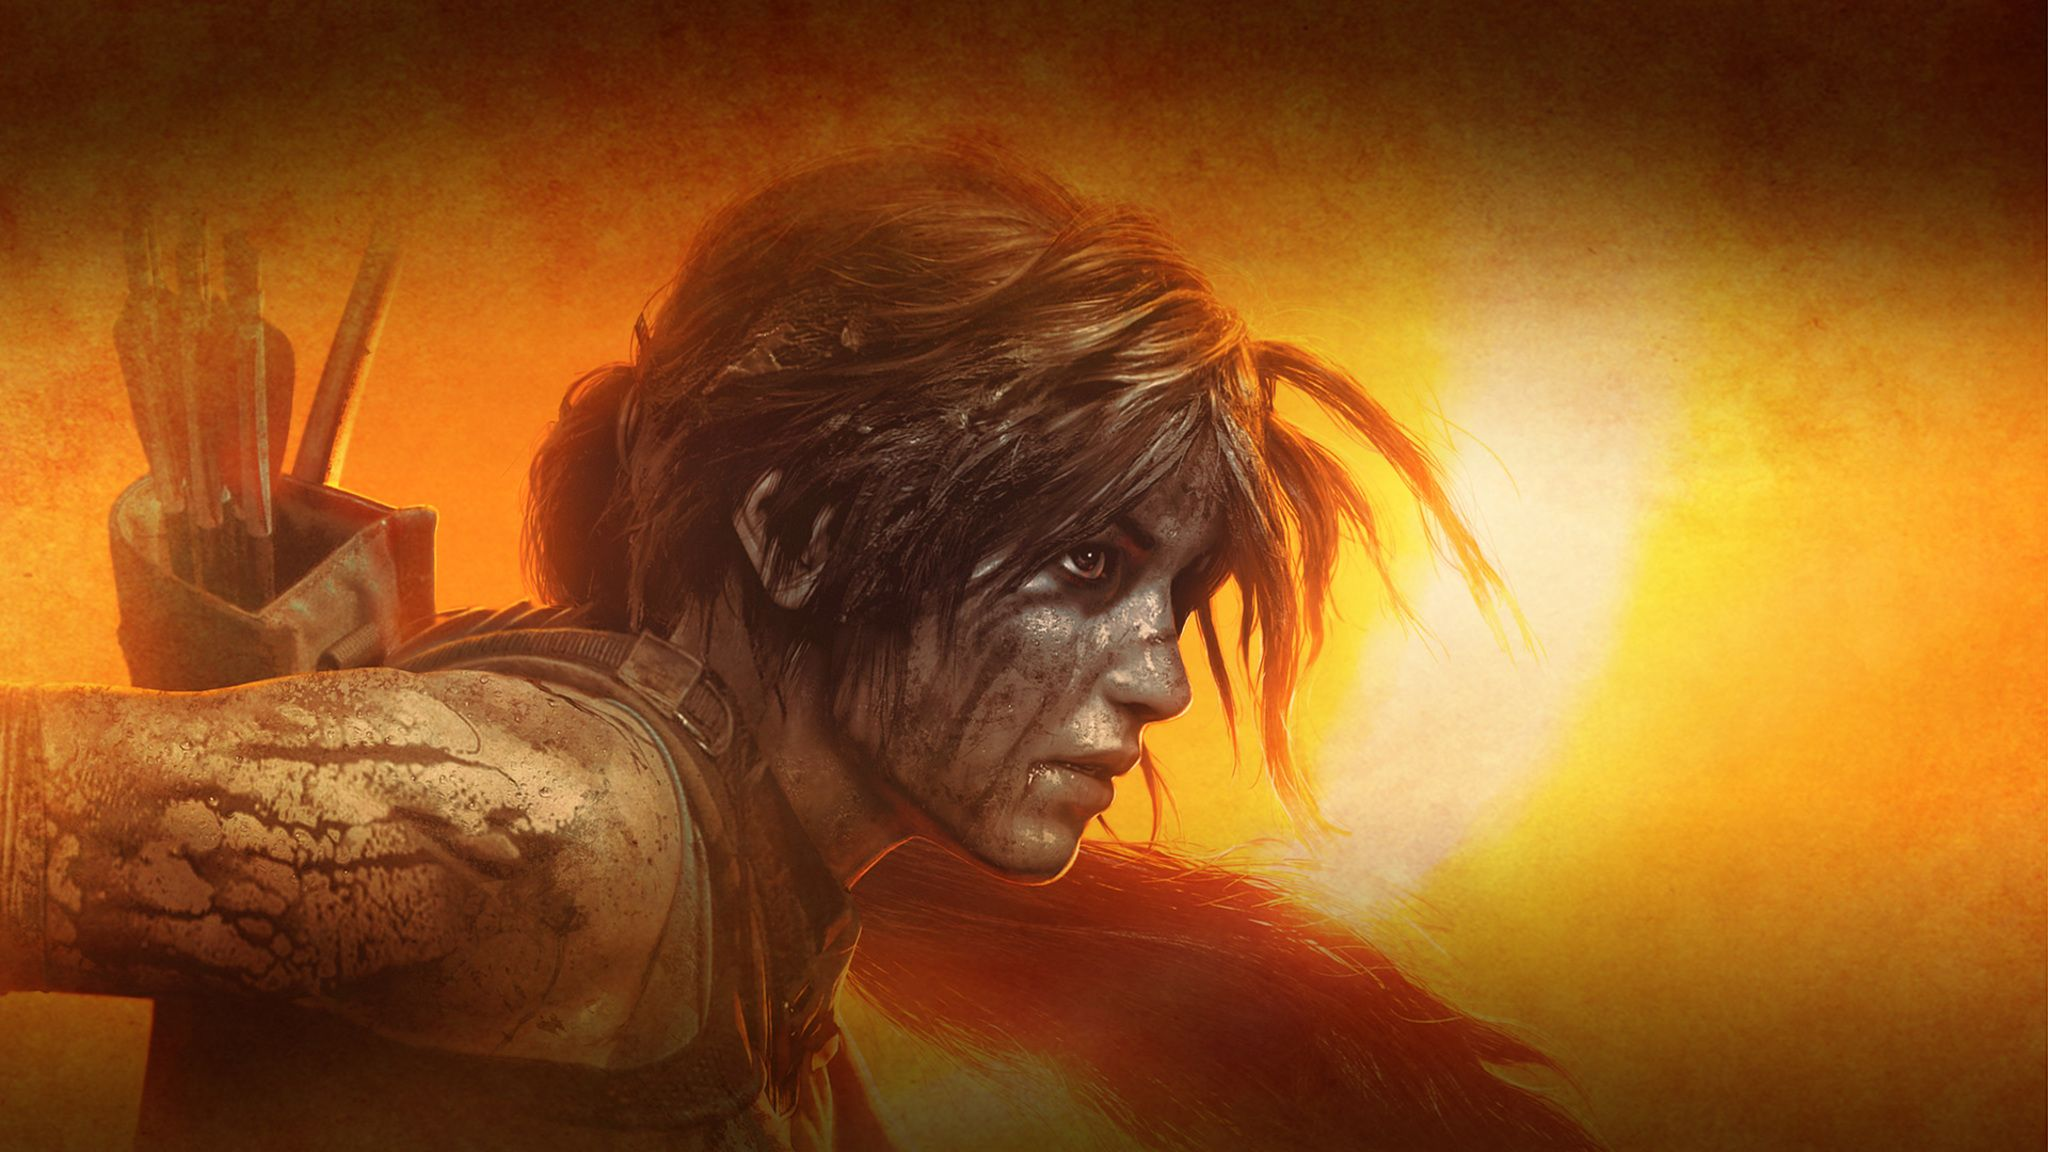 Lara Croft Tomb Raider 4k Ultra Hd Wallpaper And Background Image 3840x2400 Id 909635 In 2020 Tomb Raider Tomb Raider Film Tomb Raider Wallpaper